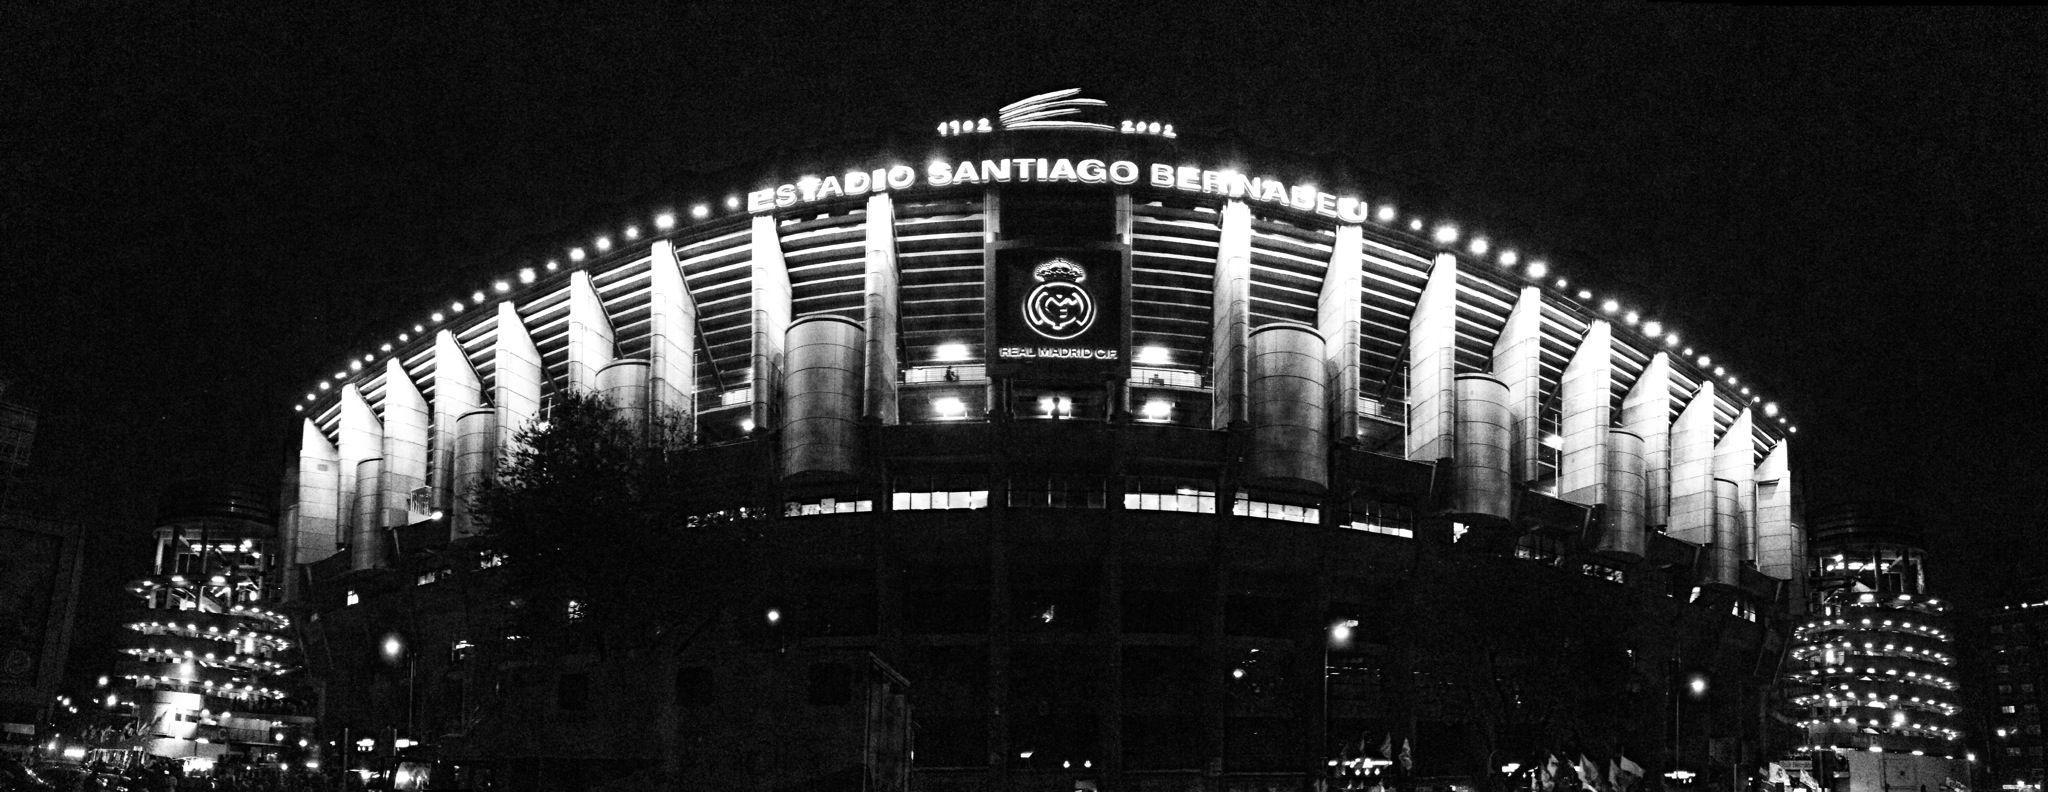 Santiago Bernabéu Stadium Santiago Bernabeu Bernabeu Santiago